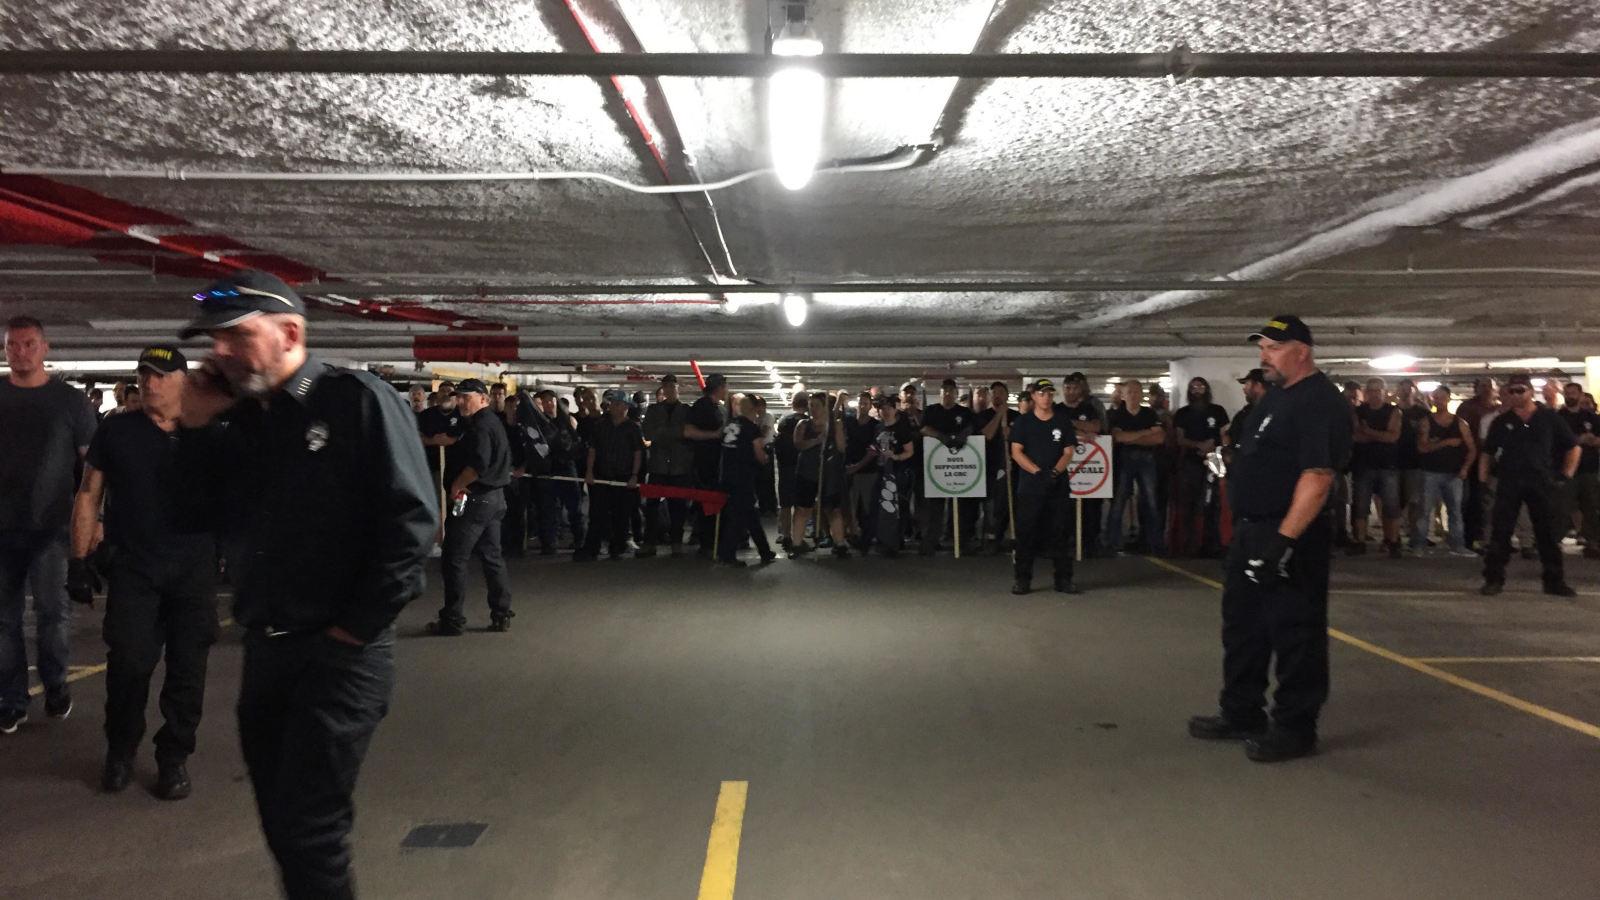 Les fascistes attendant (pendant quatre heures) que les policiers leur ouvre la voie